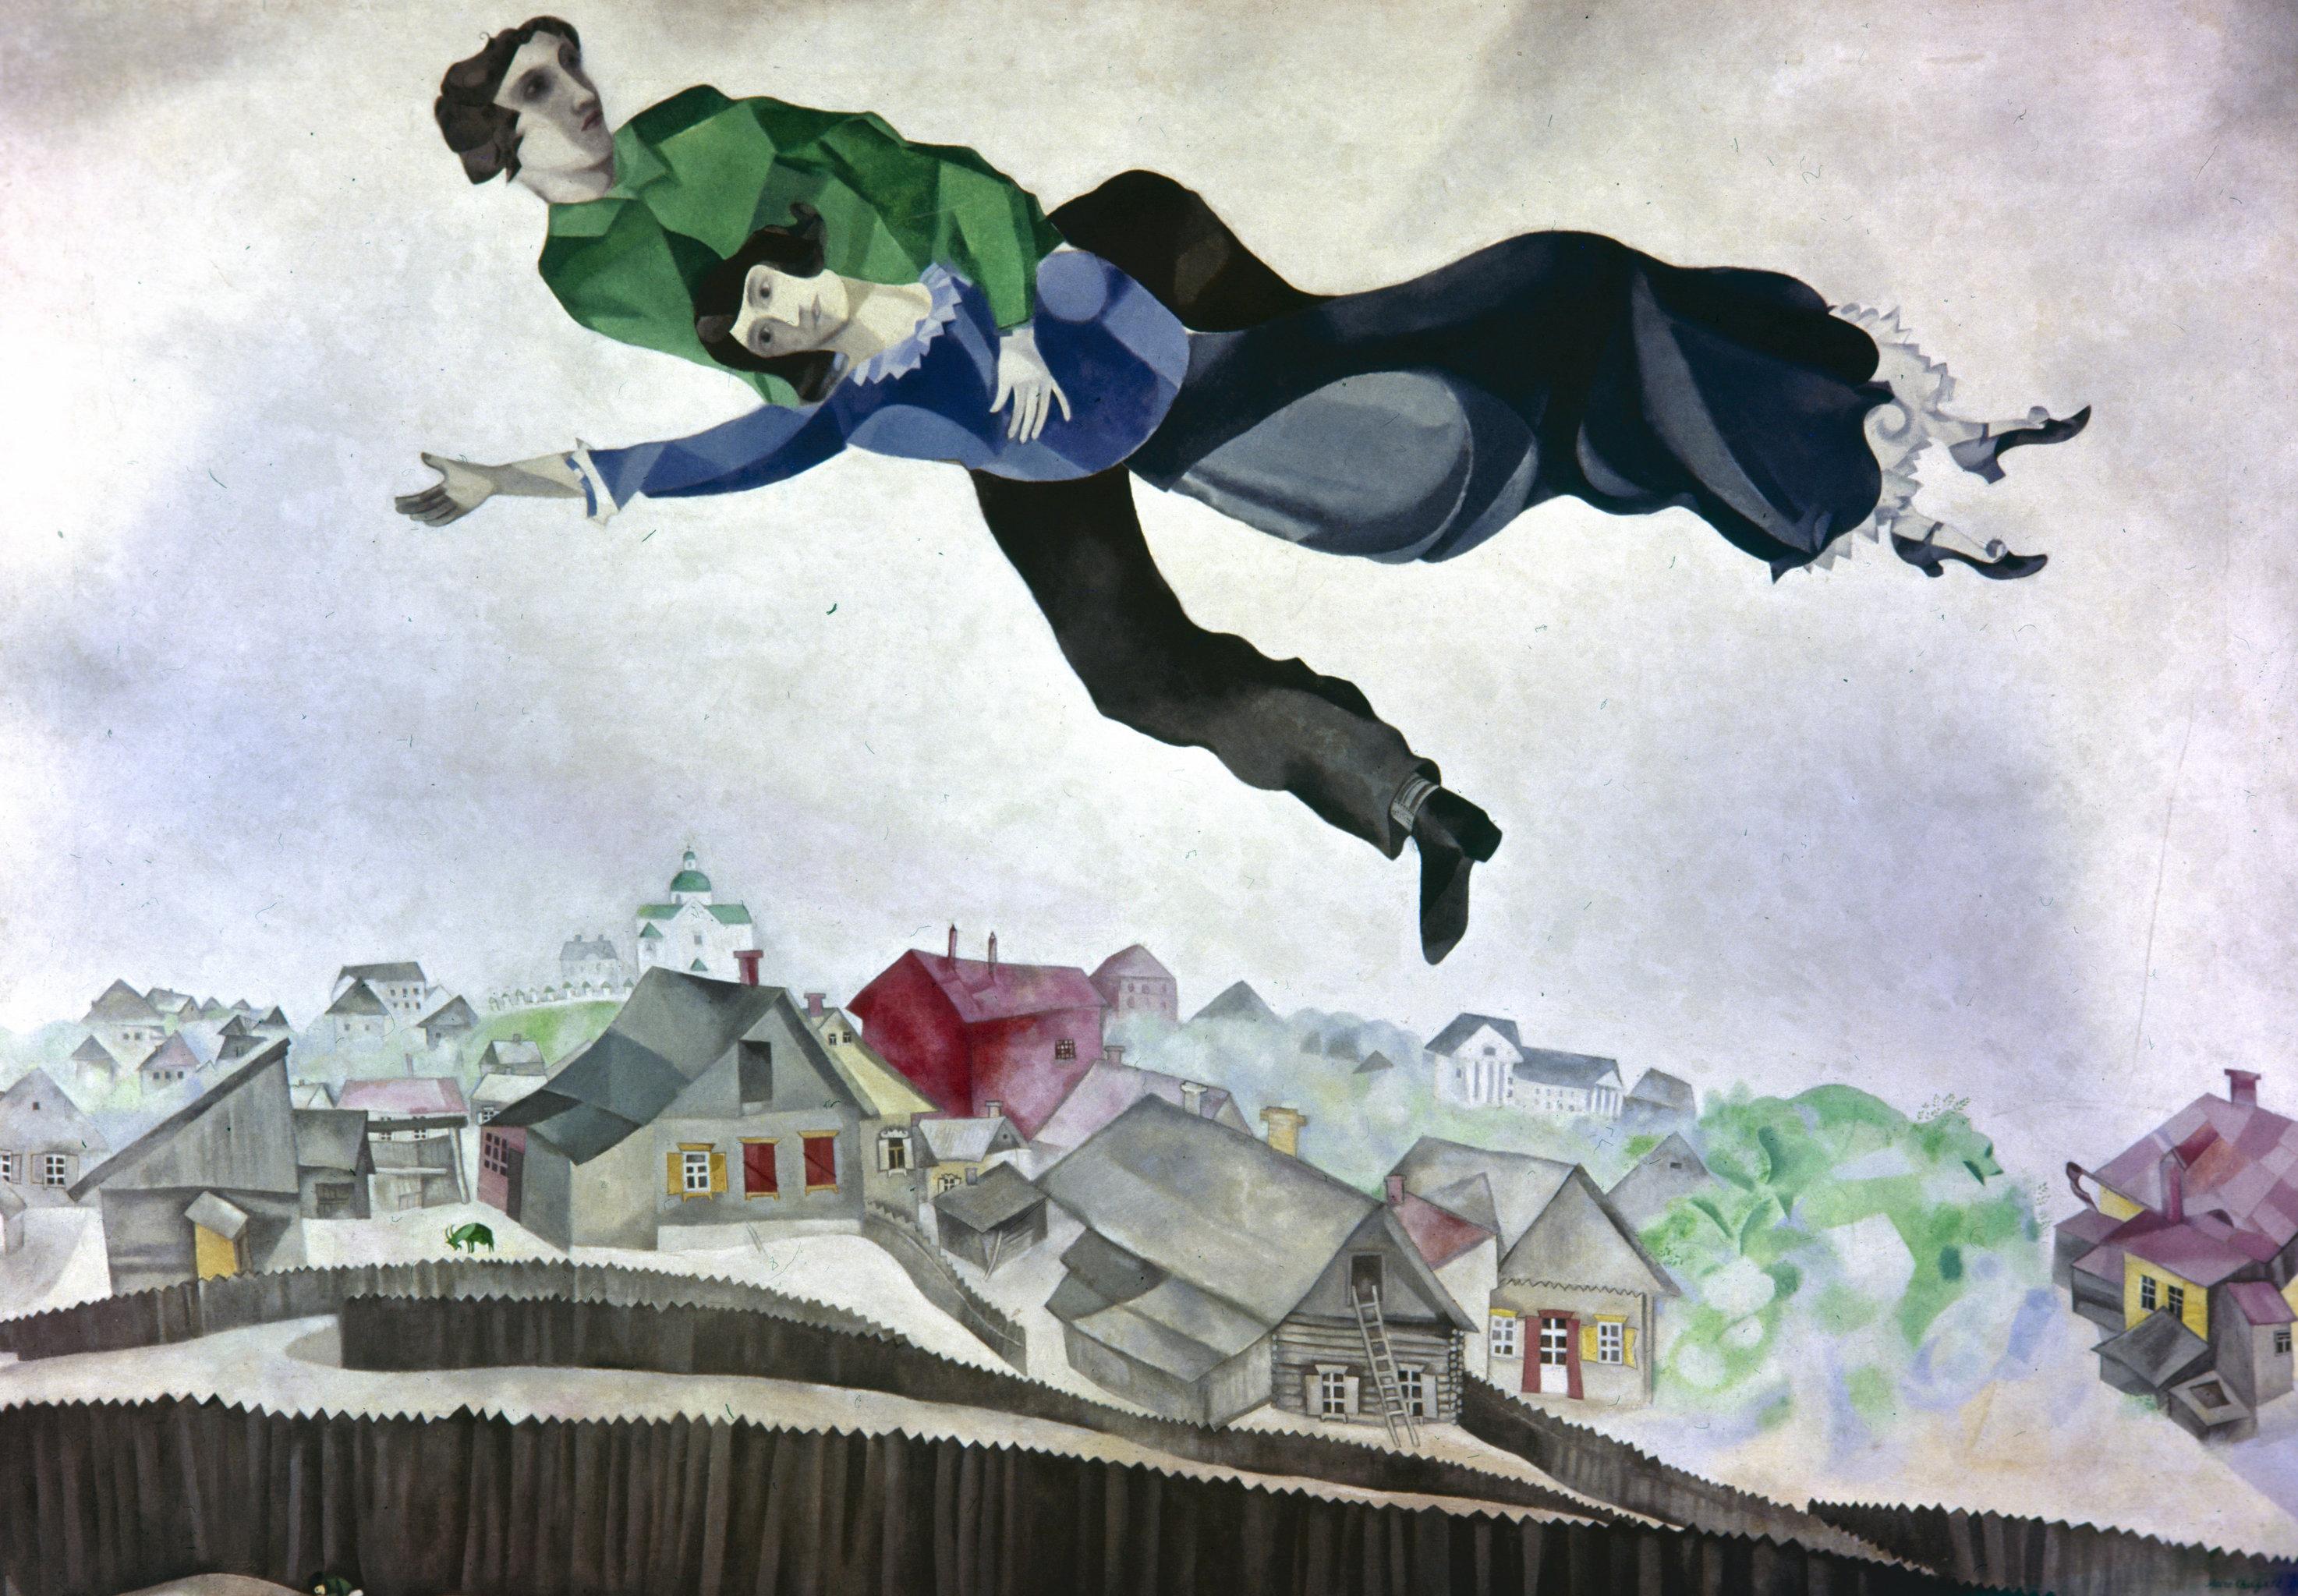 За долгую жизнь у Шагала было три жены, но над городом он летал только с Беллой - репродукция картины Над городом